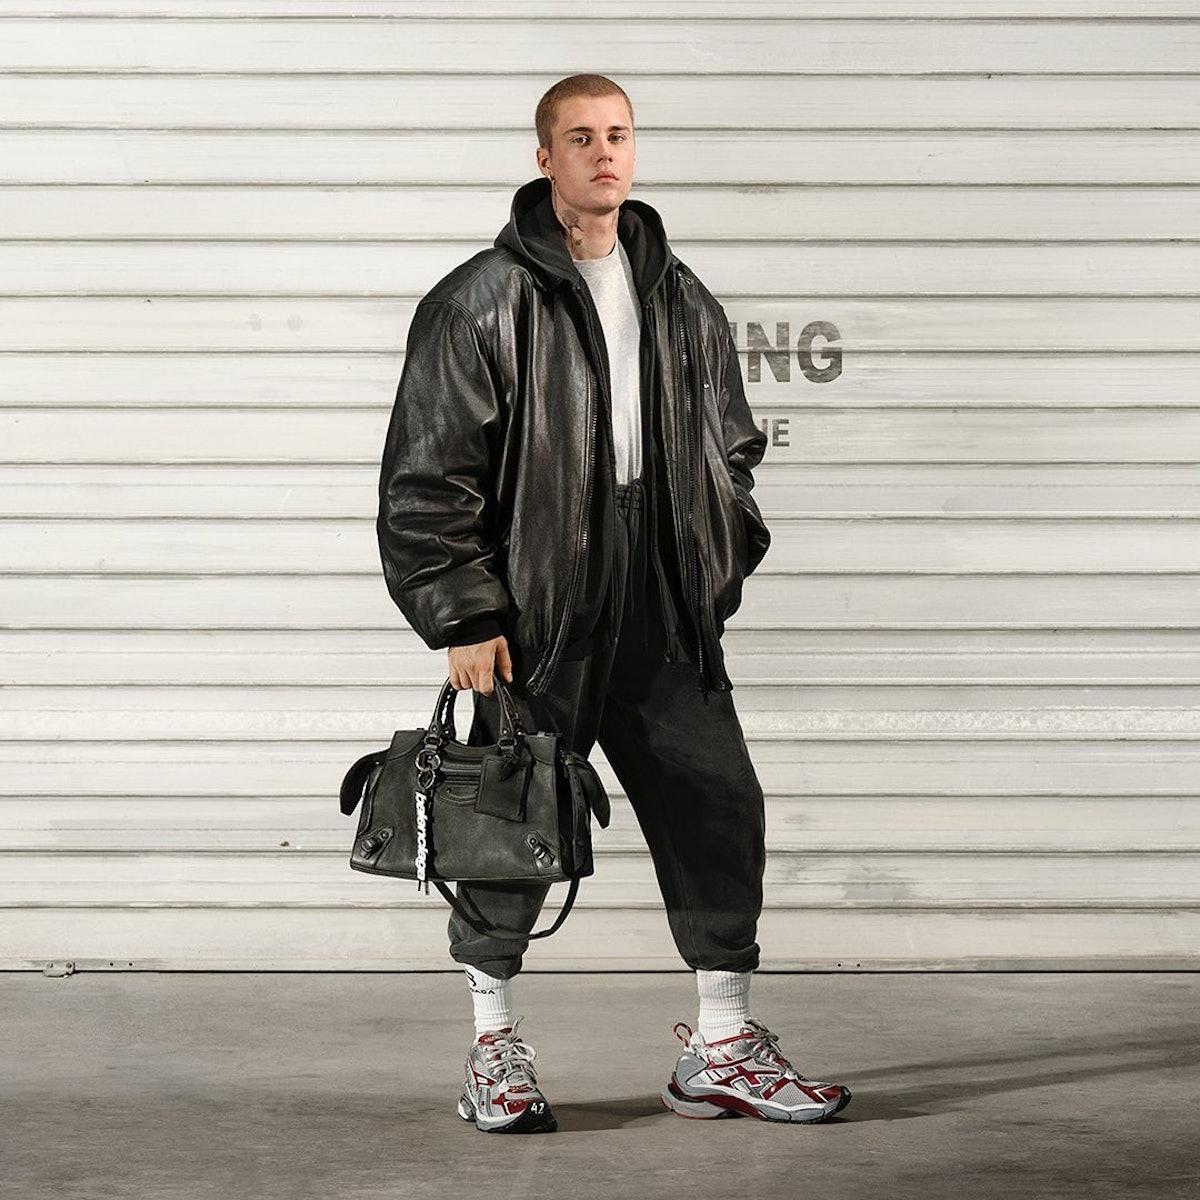 Justin Bieber with a Balenciaga handbag.